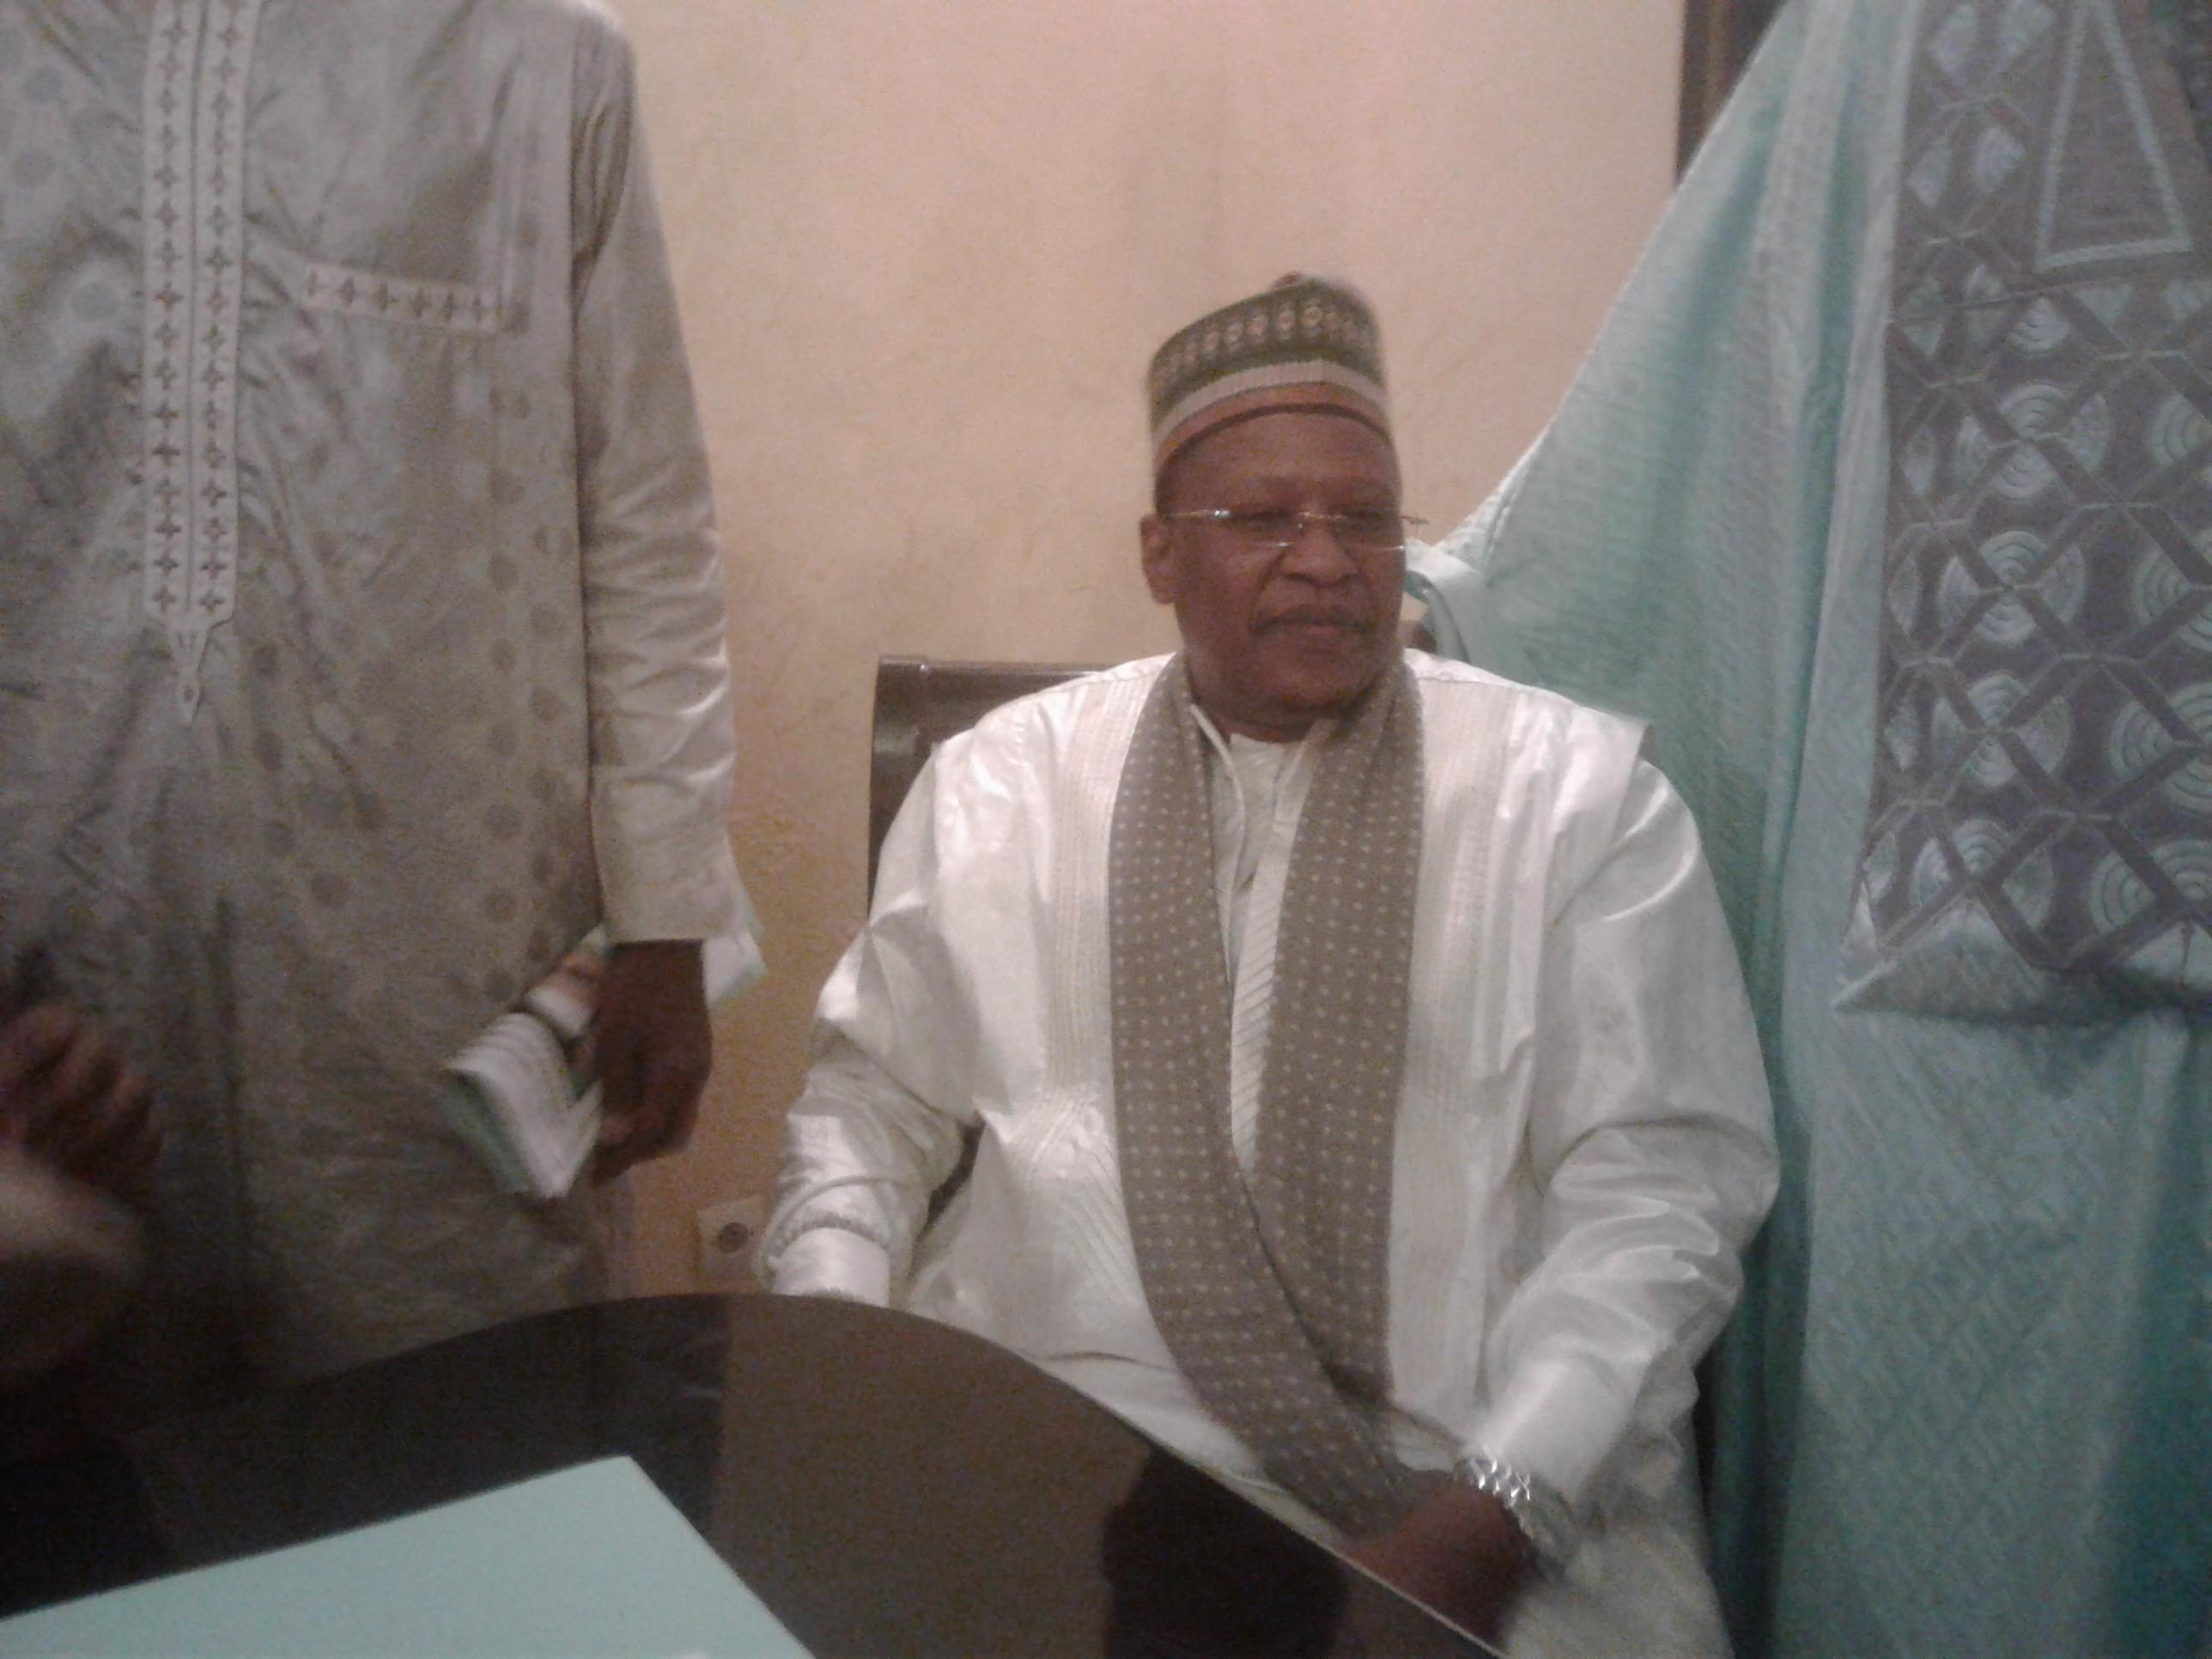 CRD Ziarre annuelle Thierno Mouhamadou Bachir Tall à Ouakam: « Je suis satisfait des mesures prises par le préfet pour la bonne réussite de la ziarra » dixit Thierno Cheikh Oumar Bachir Tall